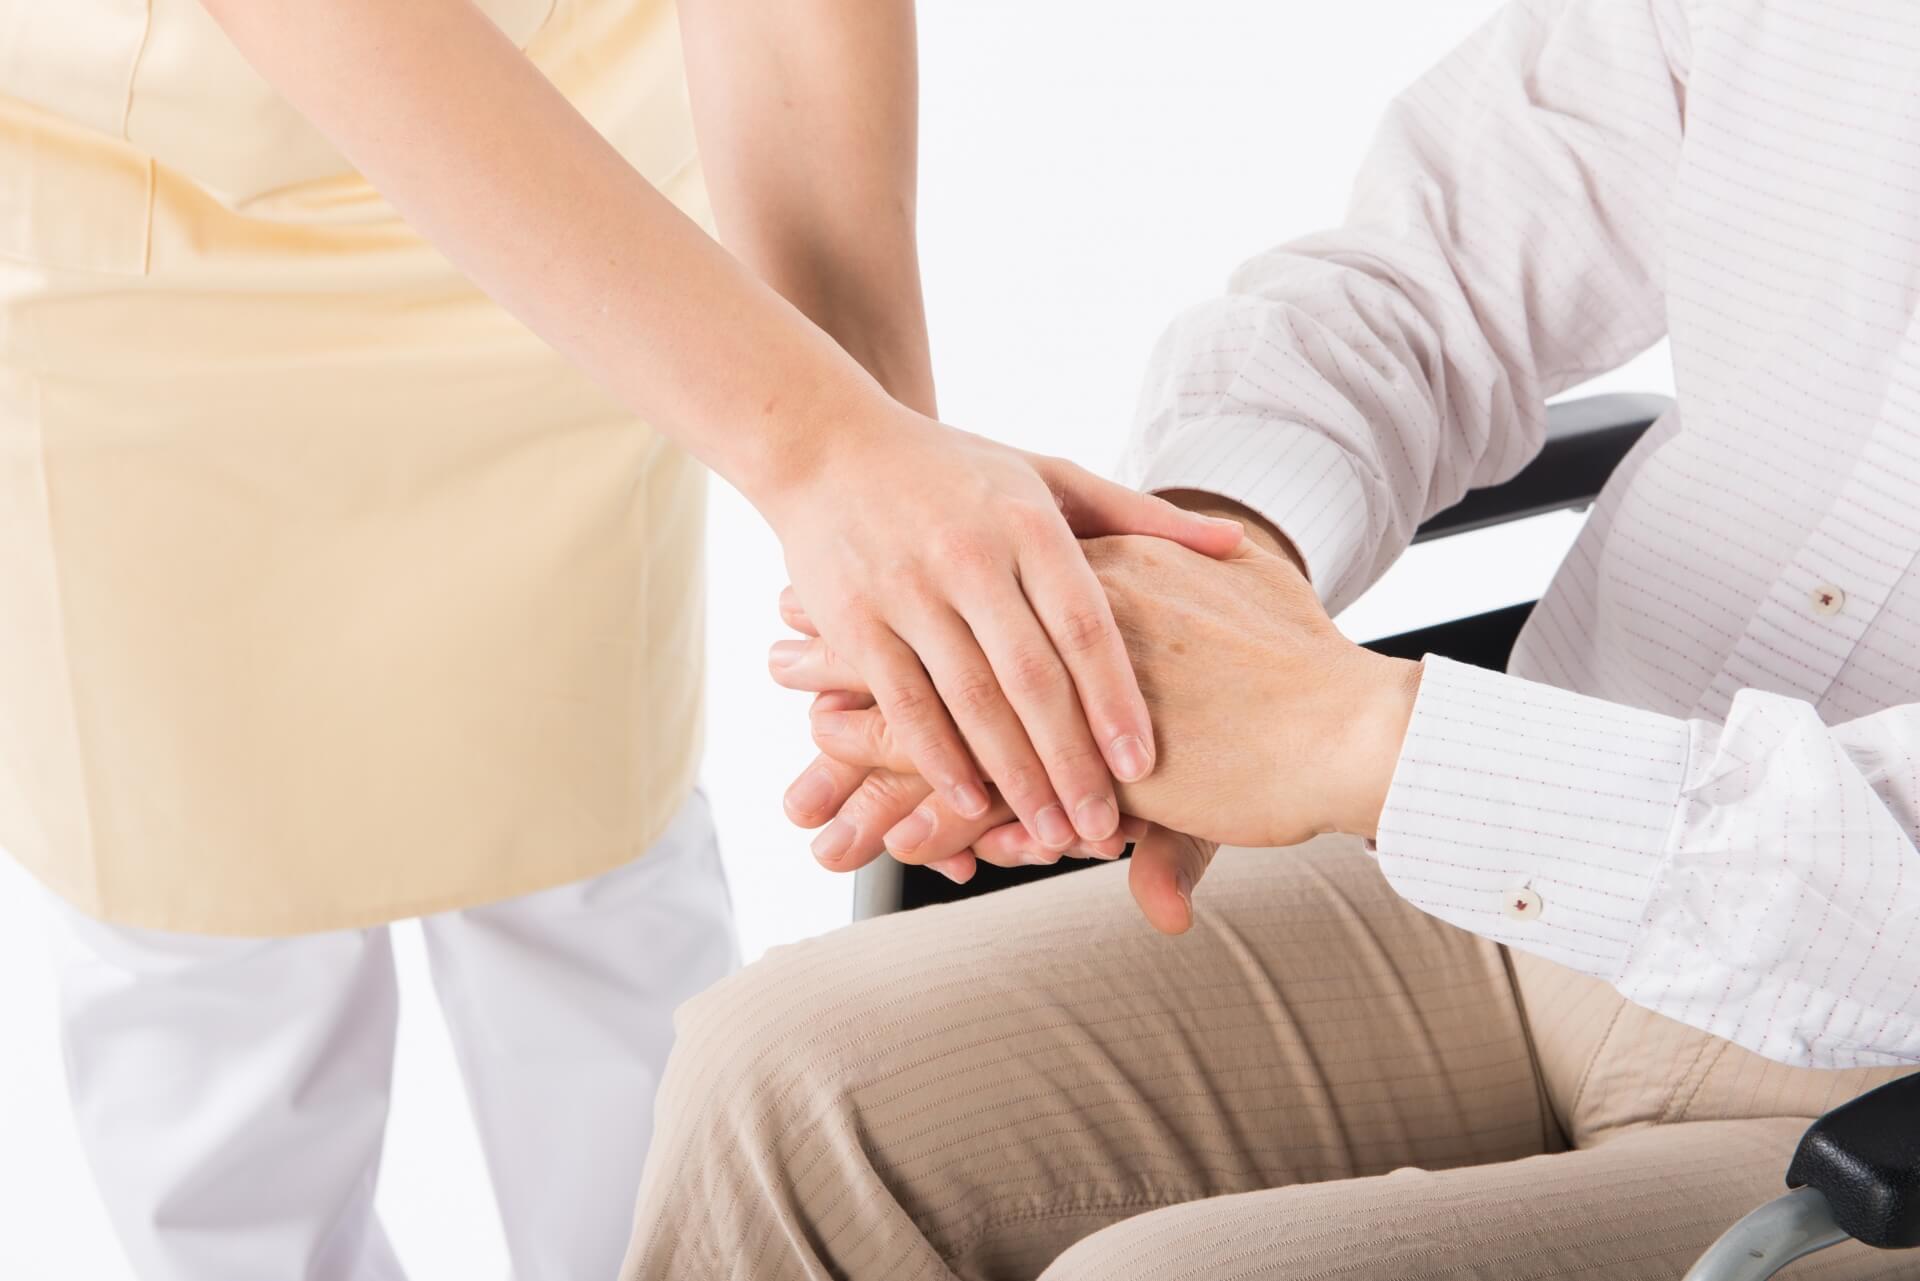 【褥瘡編6】褥瘡予防は骨突出部以外はどこにタオルを使う?下肢の注意点は?